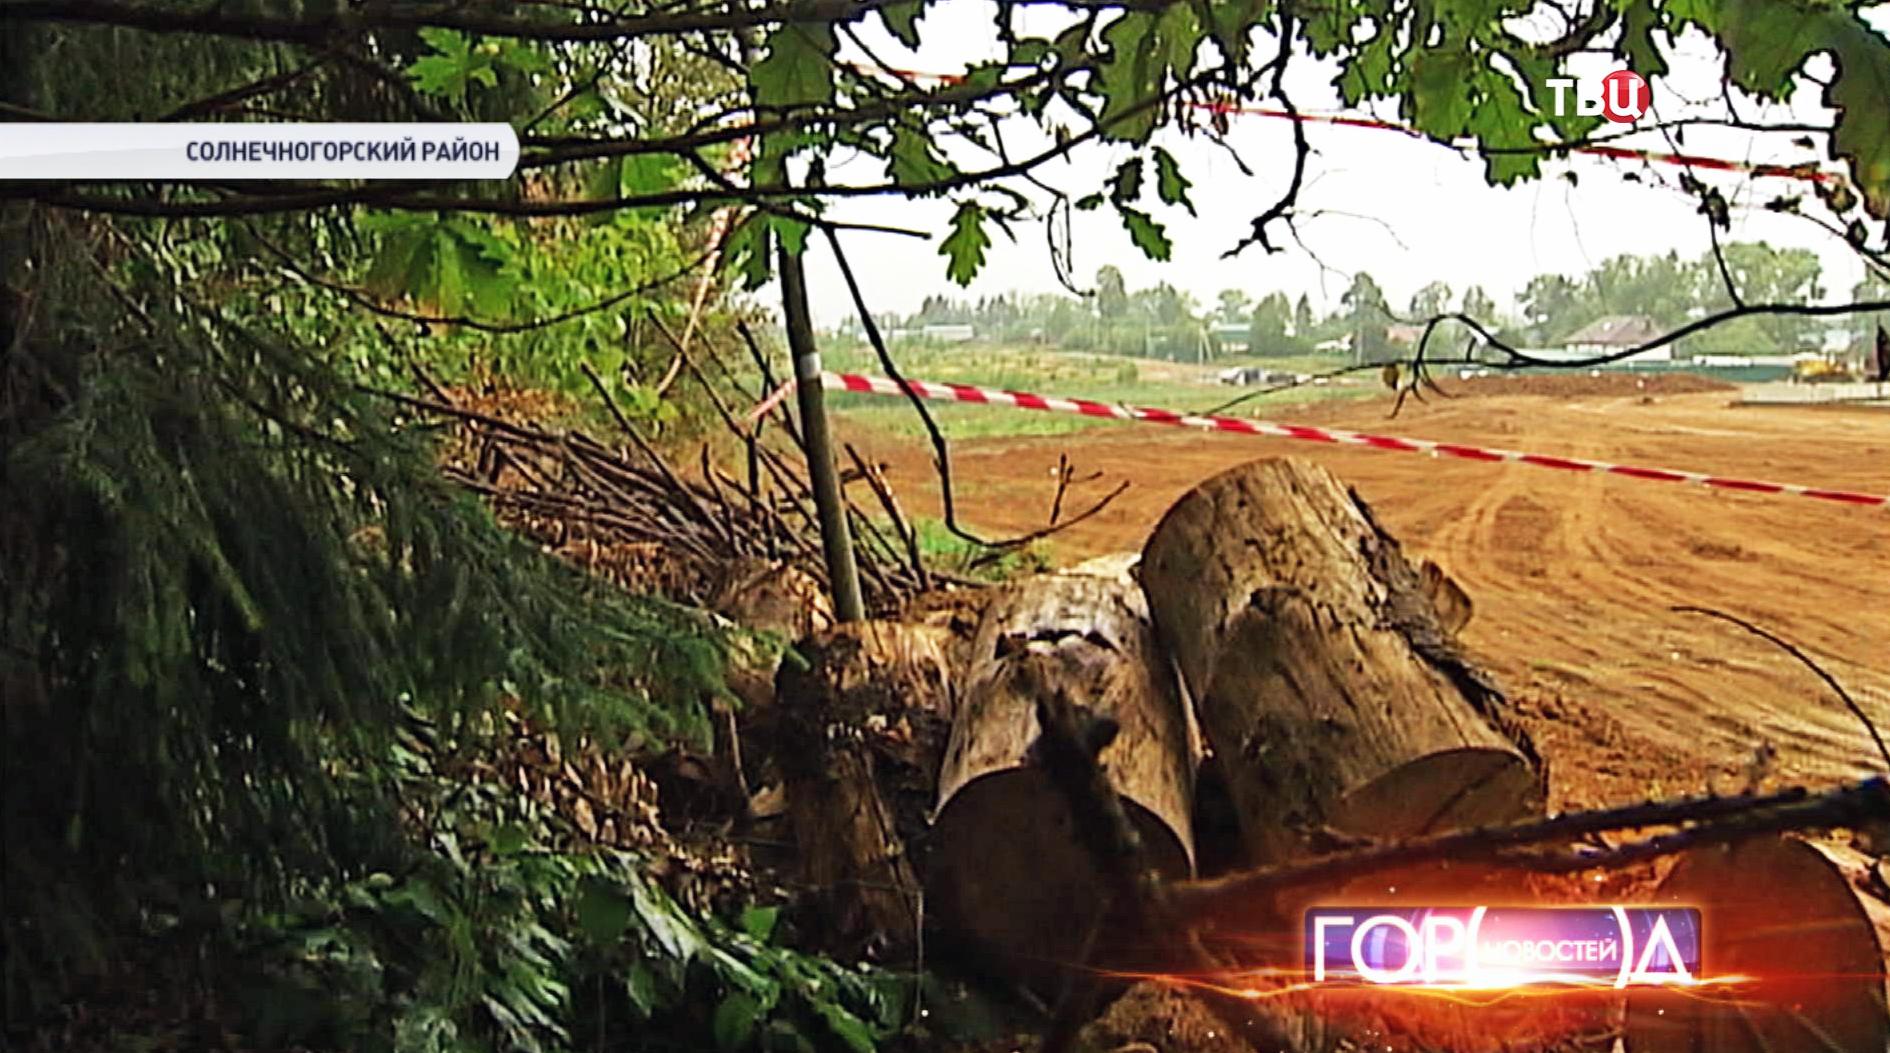 Вырубка деревьев в Солнечногорском районе